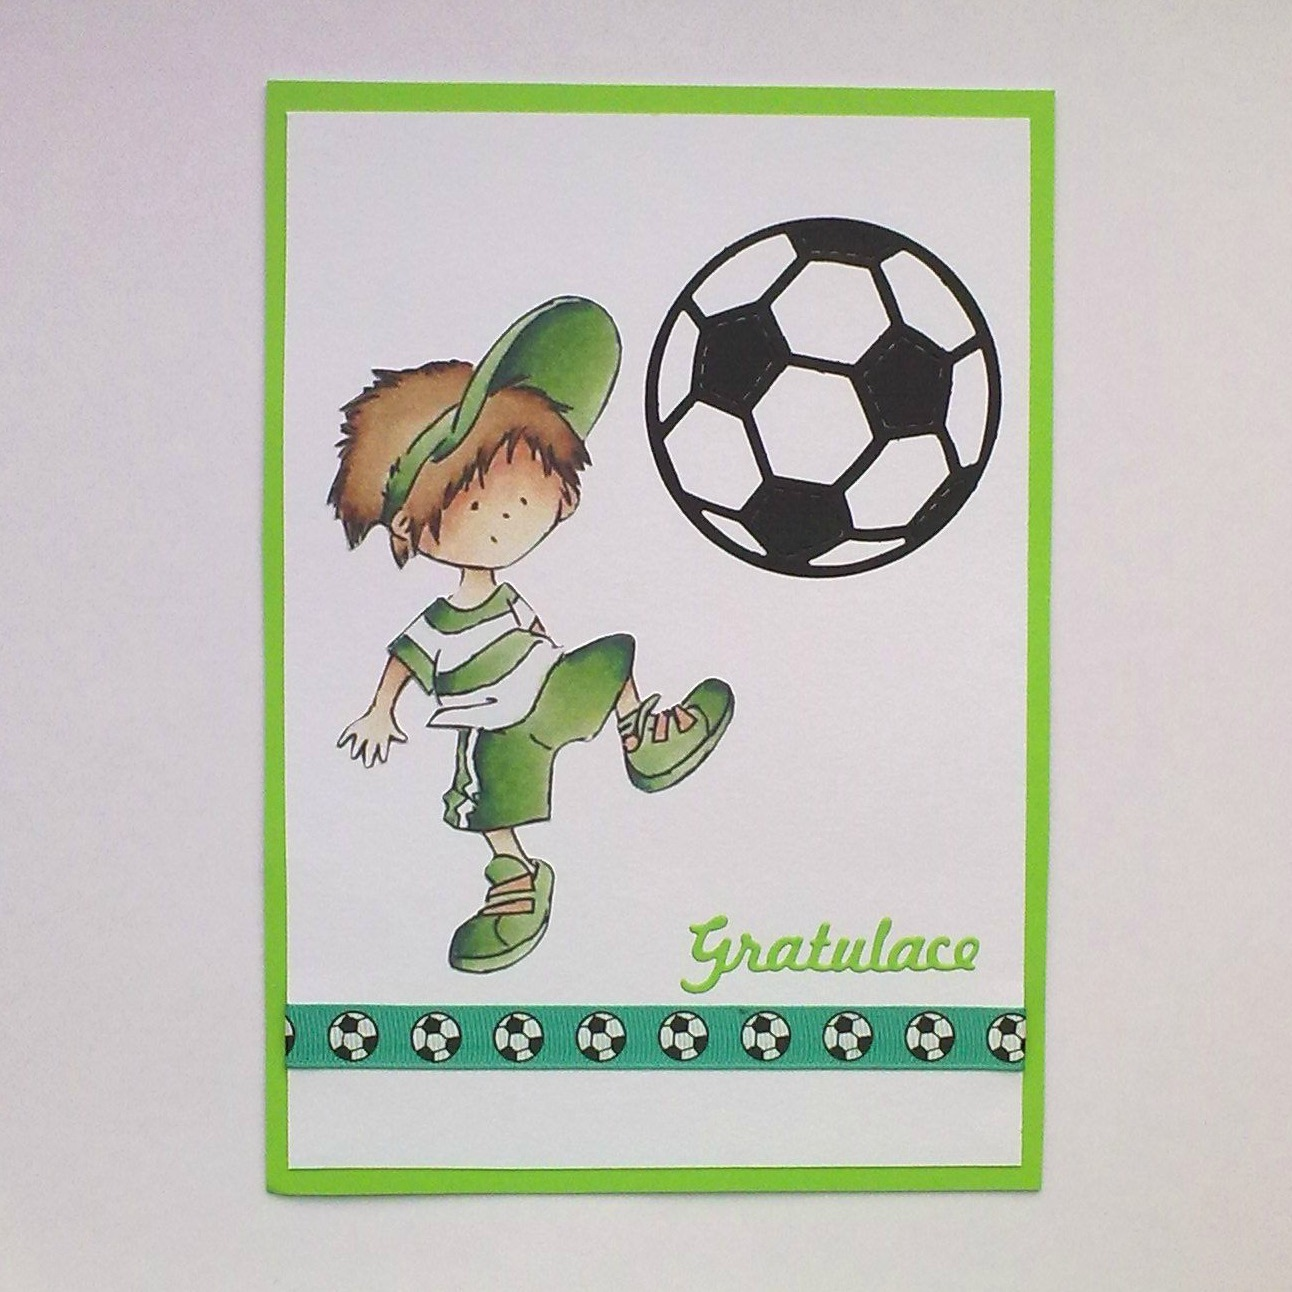 přání k narozeninám pro fotbalistu Přání   Pro malého i velkého fotbalistu / Zboží prodejce Nakča  přání k narozeninám pro fotbalistu